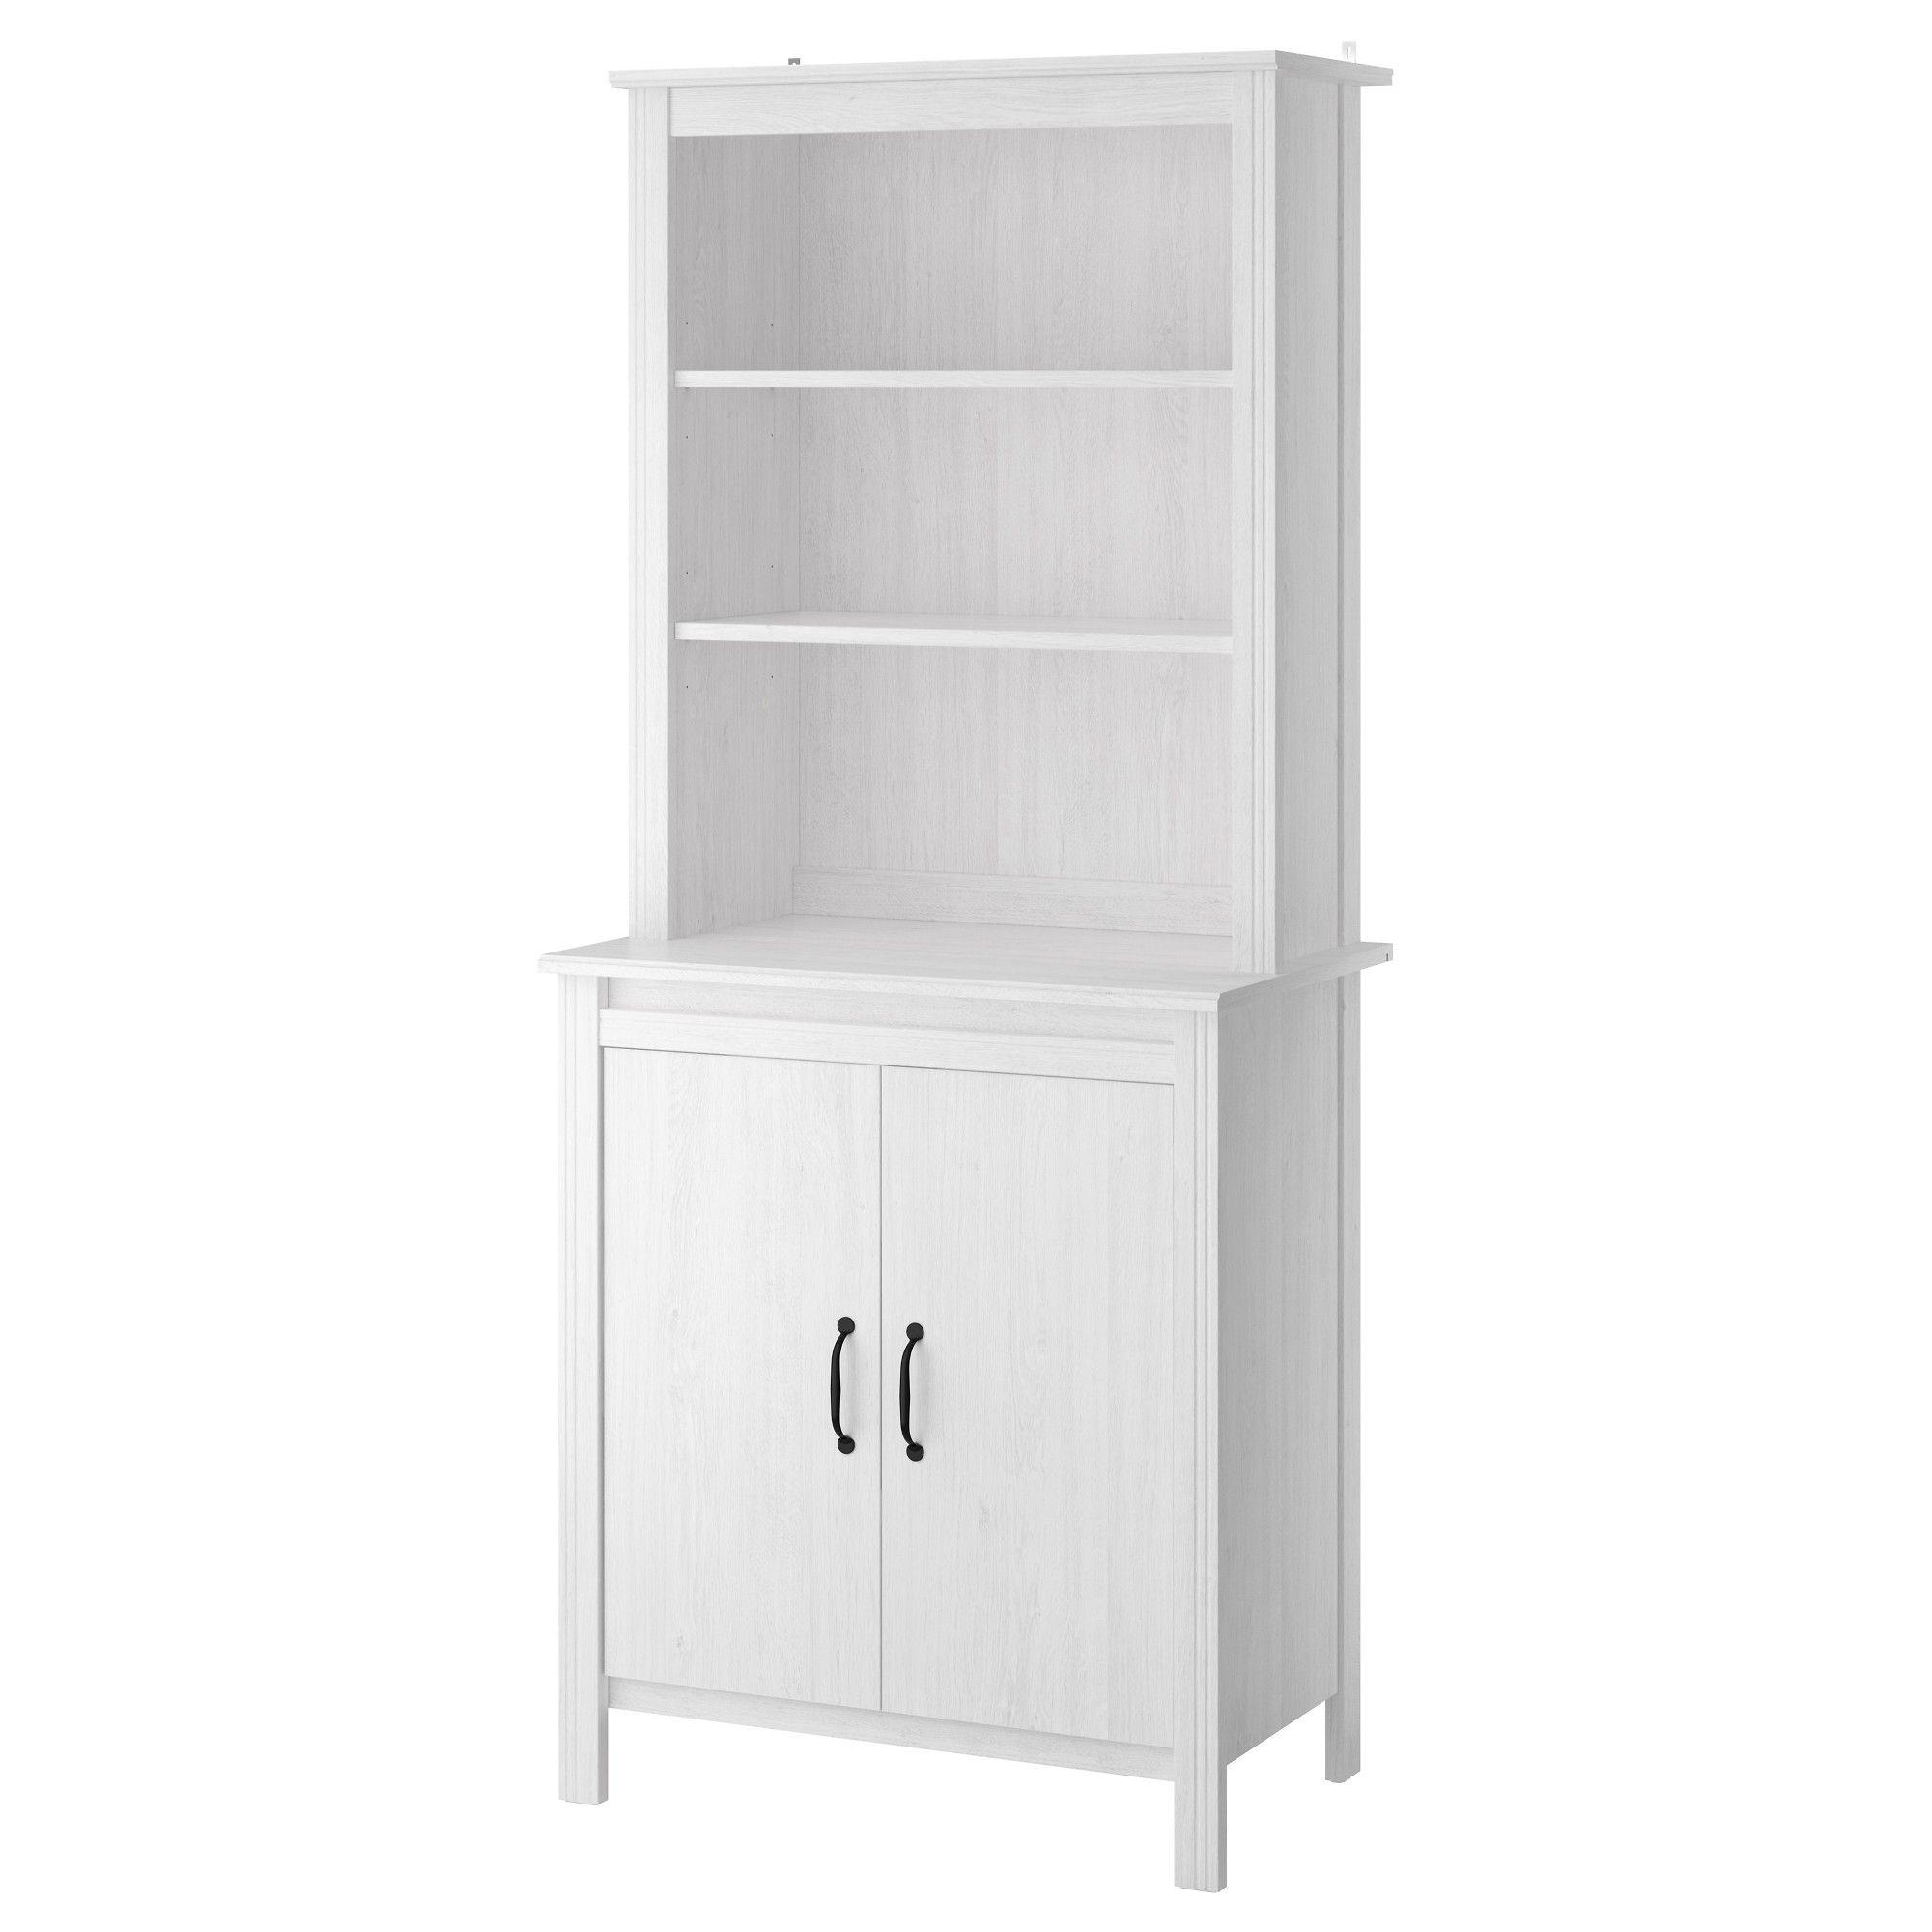 BRUSALI High cabinet with doors, white | Hochschrank, Badmoebel und ...